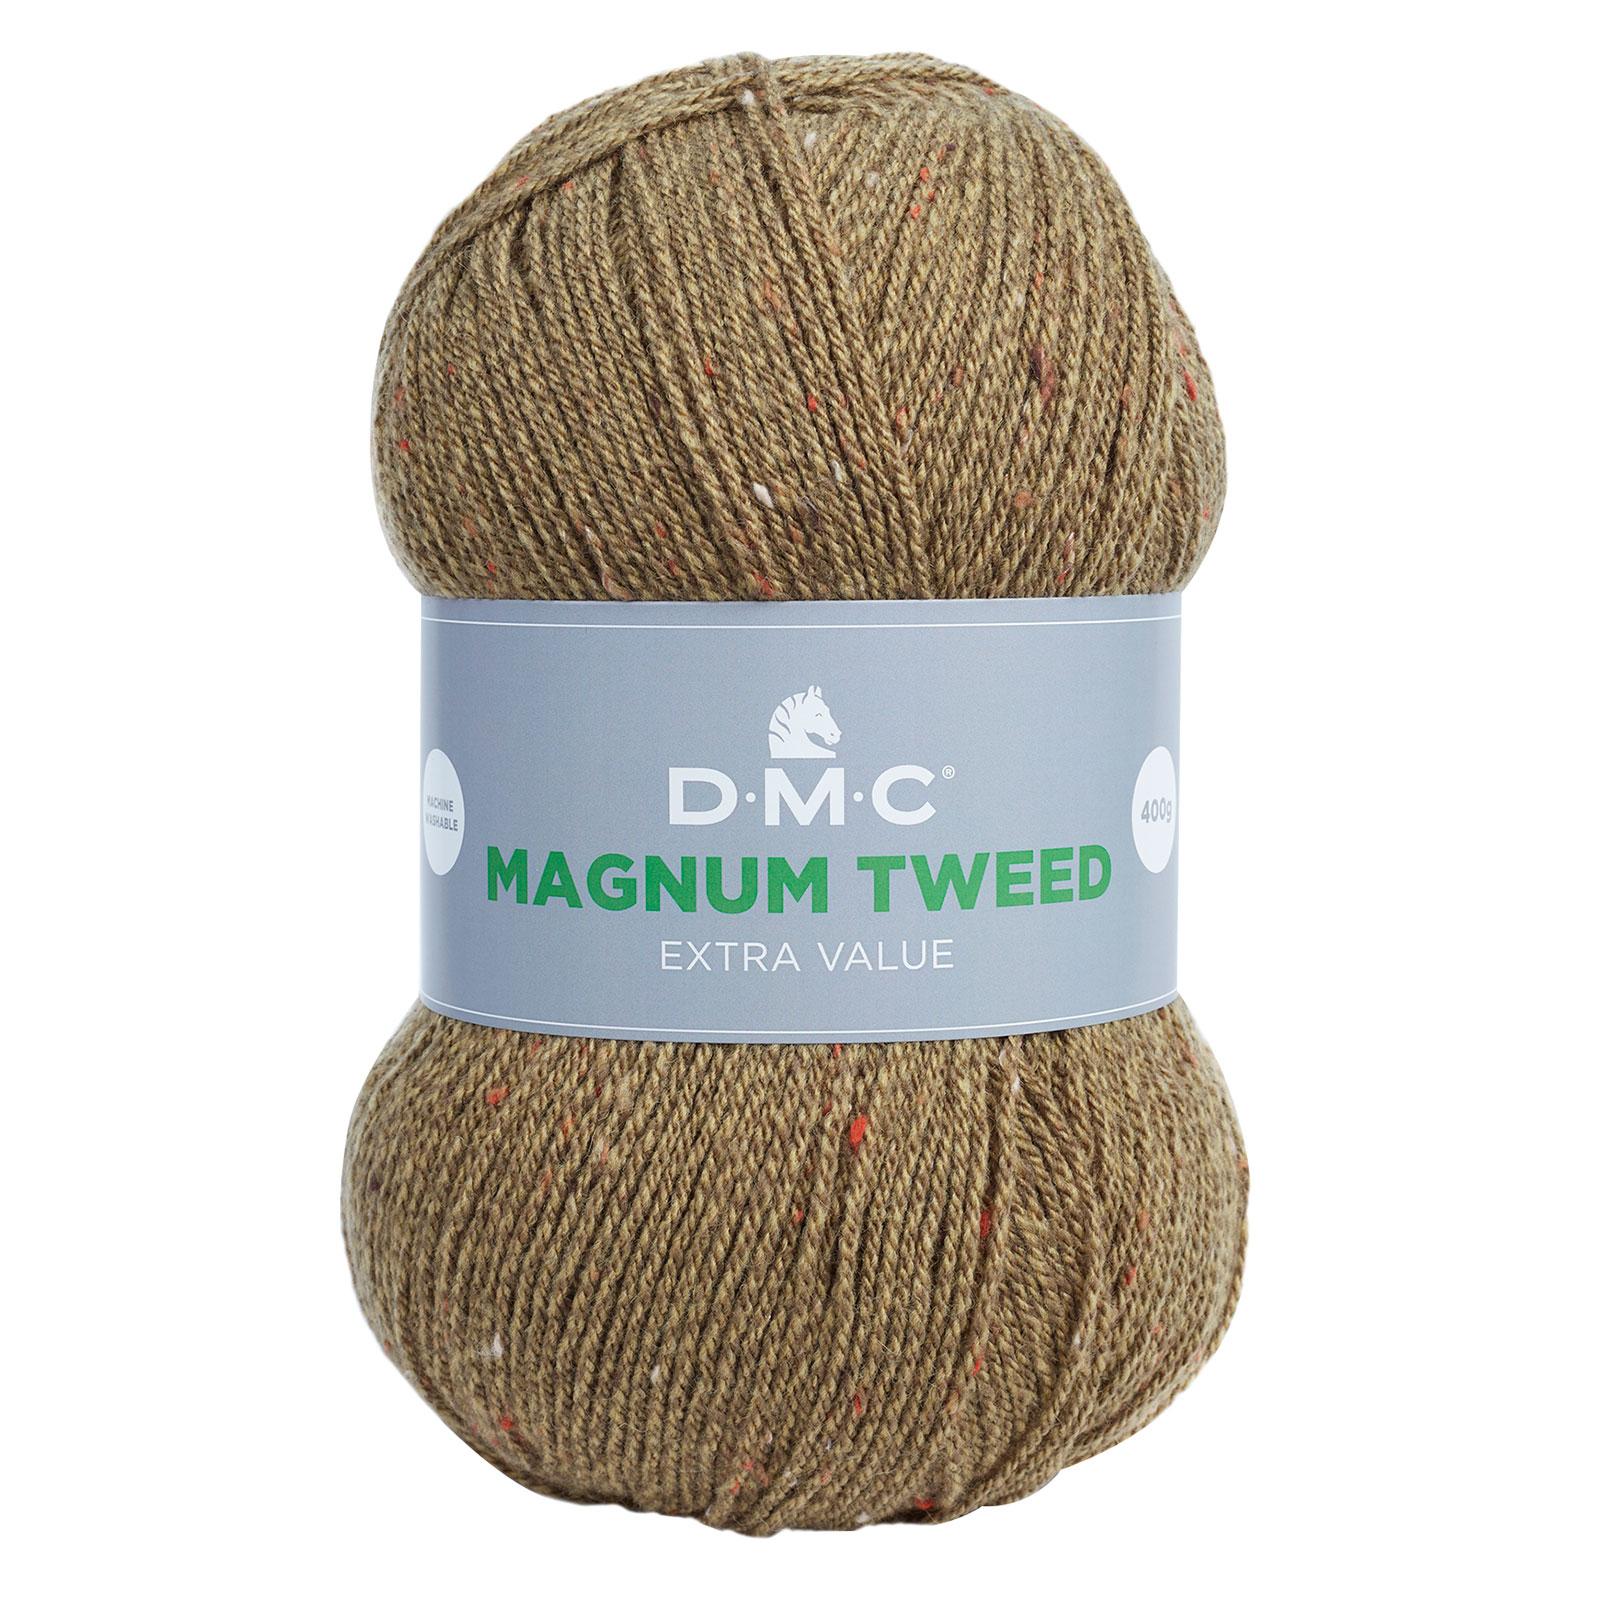 DMC Magnum Tweed 400gr – 695